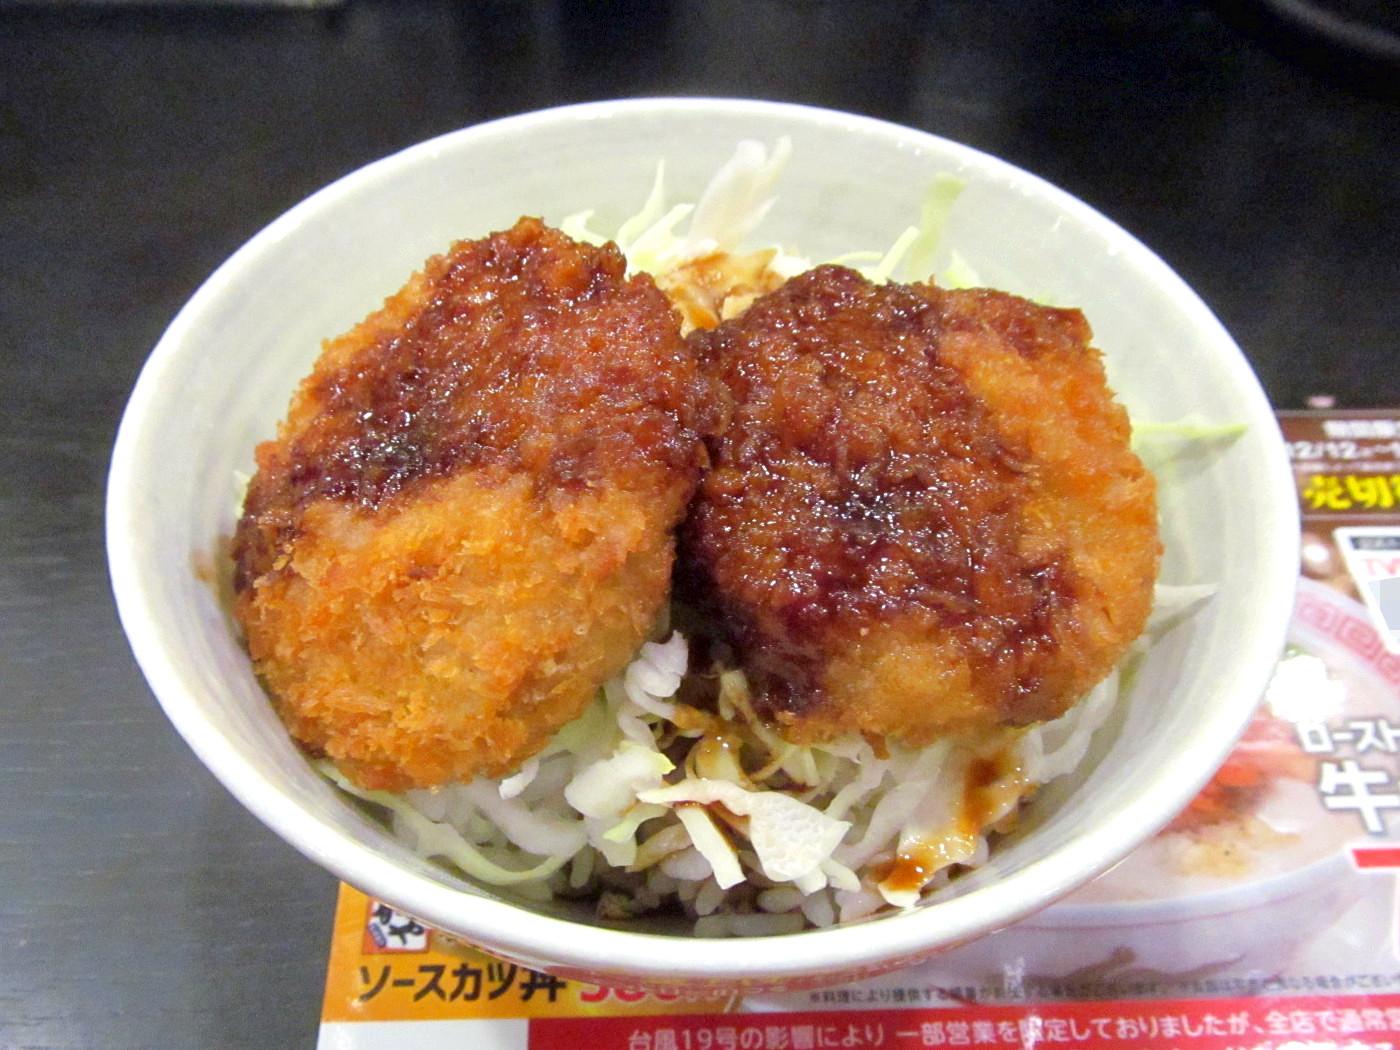 幸楽苑かつや監修ソースカツ丼2019賞味アイキャッチ1280調整後